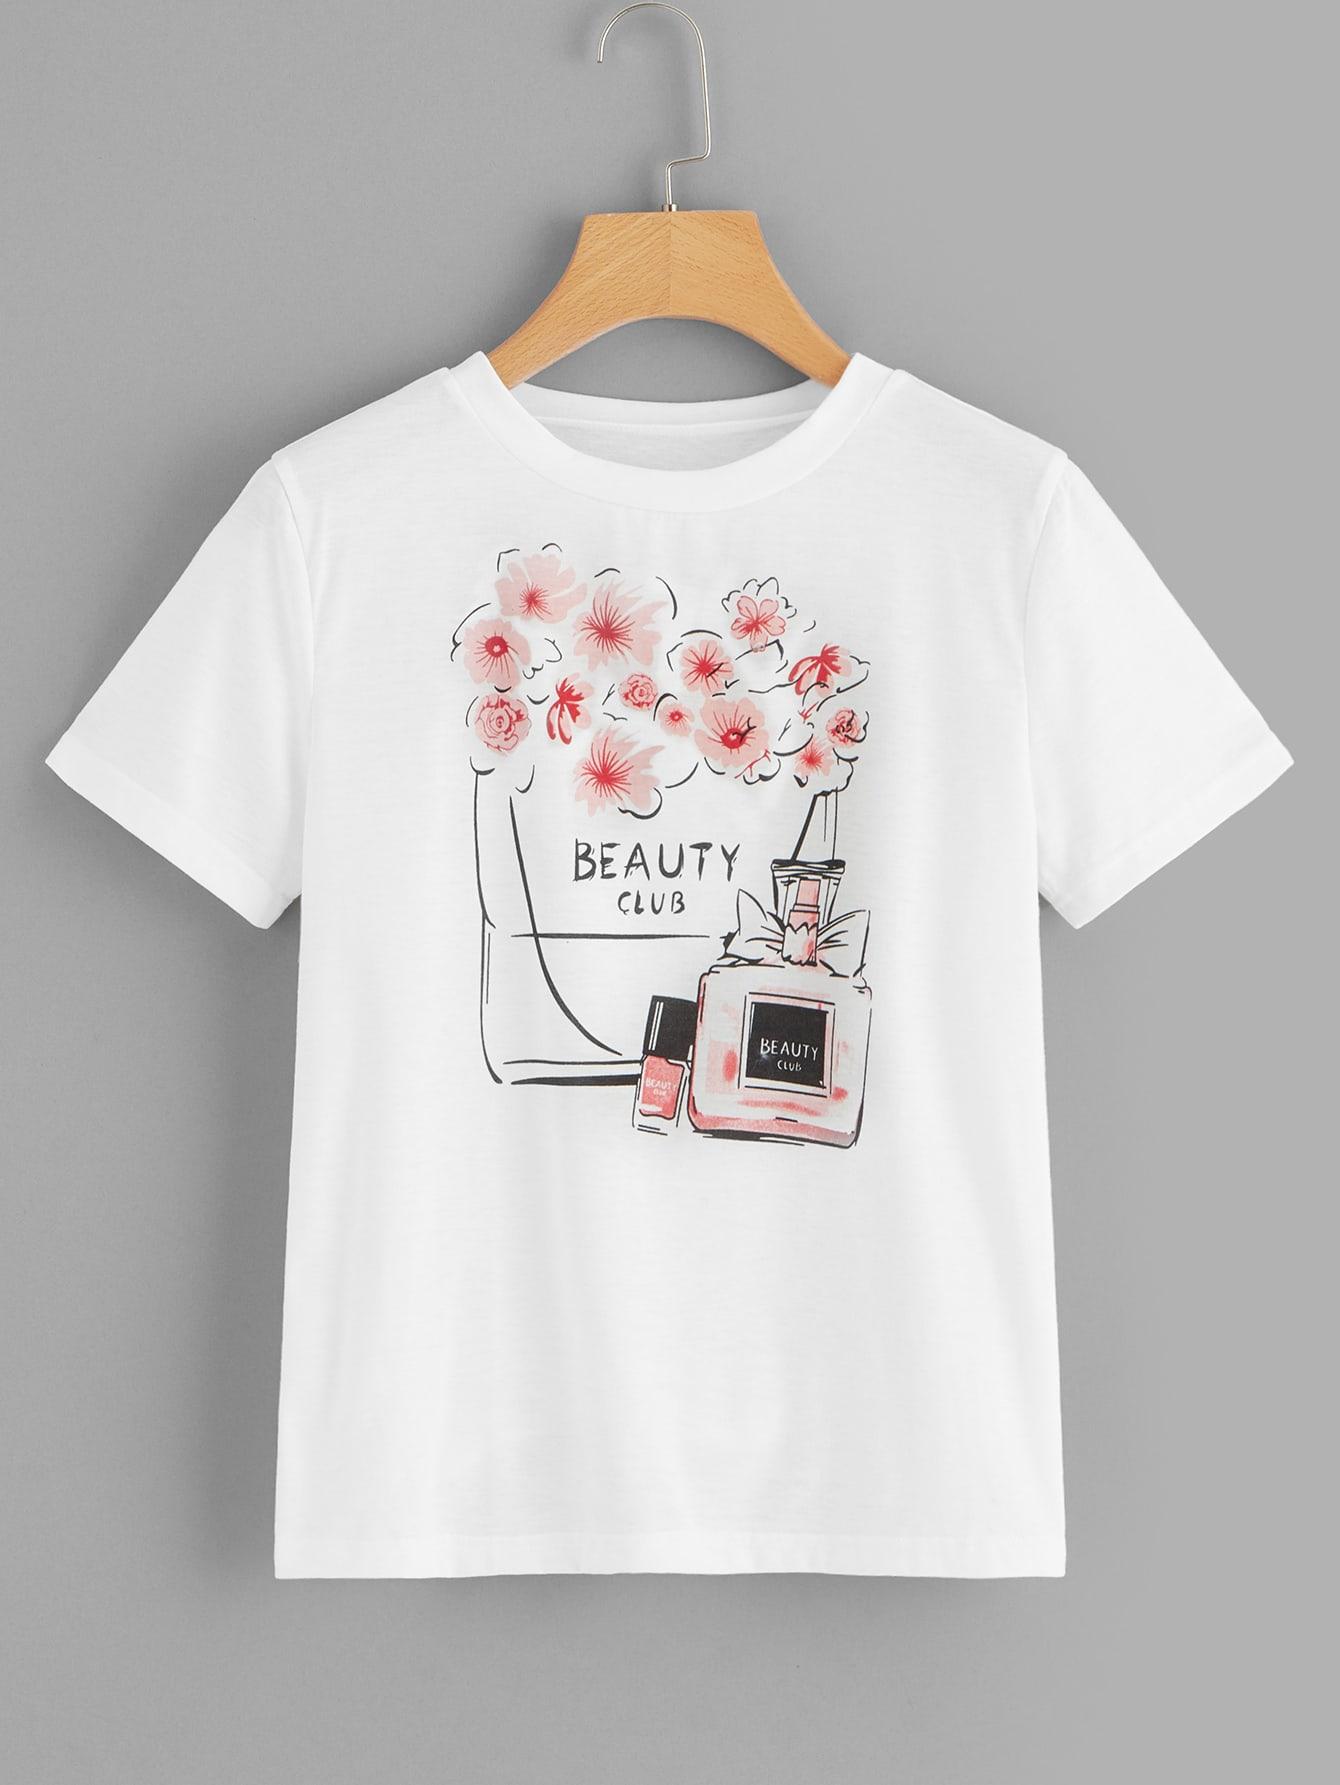 Размера плюс цветочная футболка с текстовым принтом SheIn